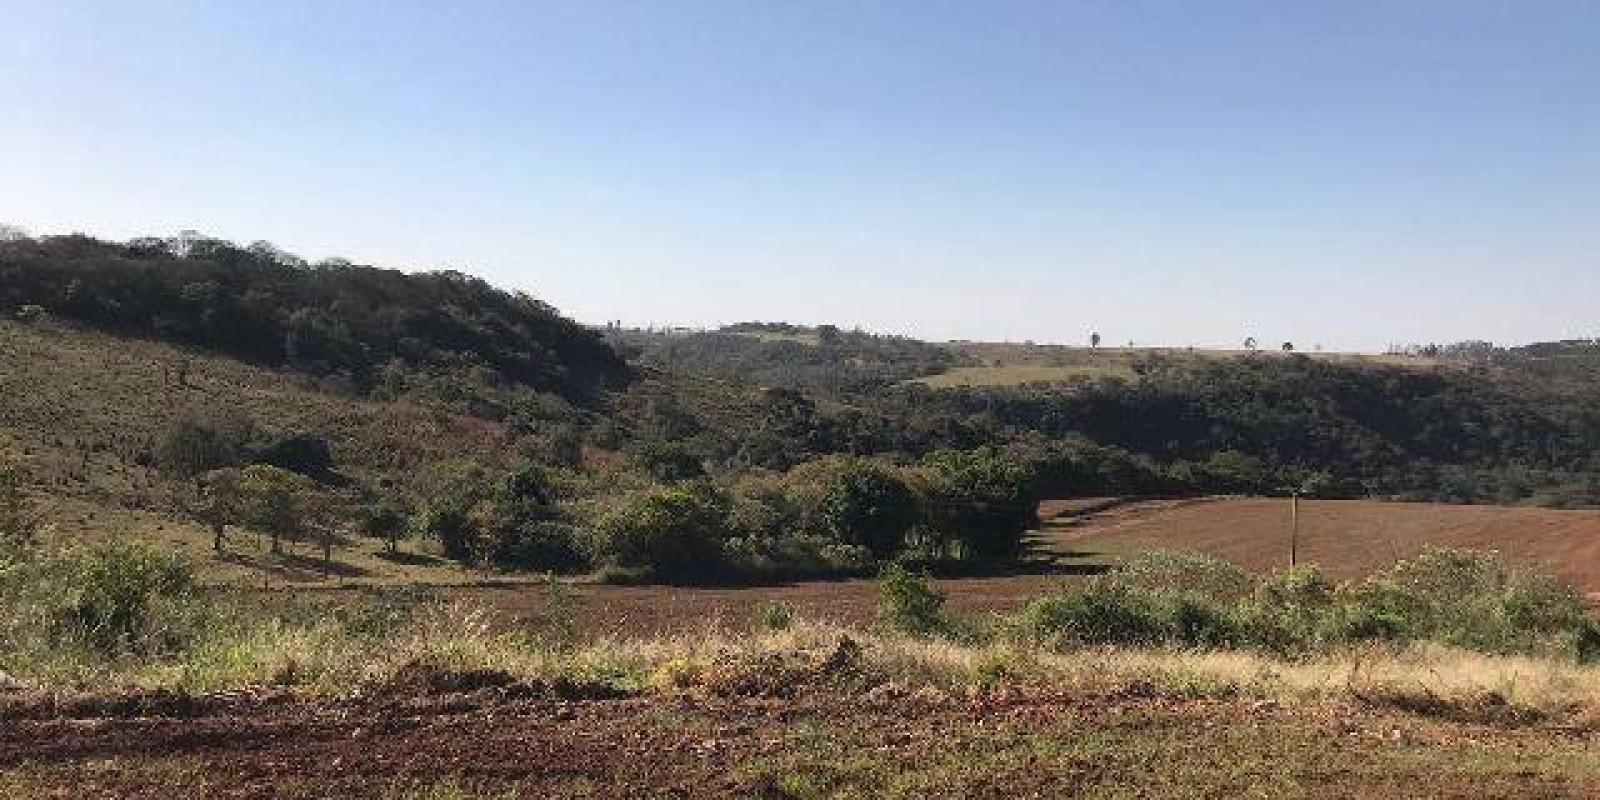 Fazenda de 40 Alqueires, Município de Sarutaiá Sp - Foto 20 de 20